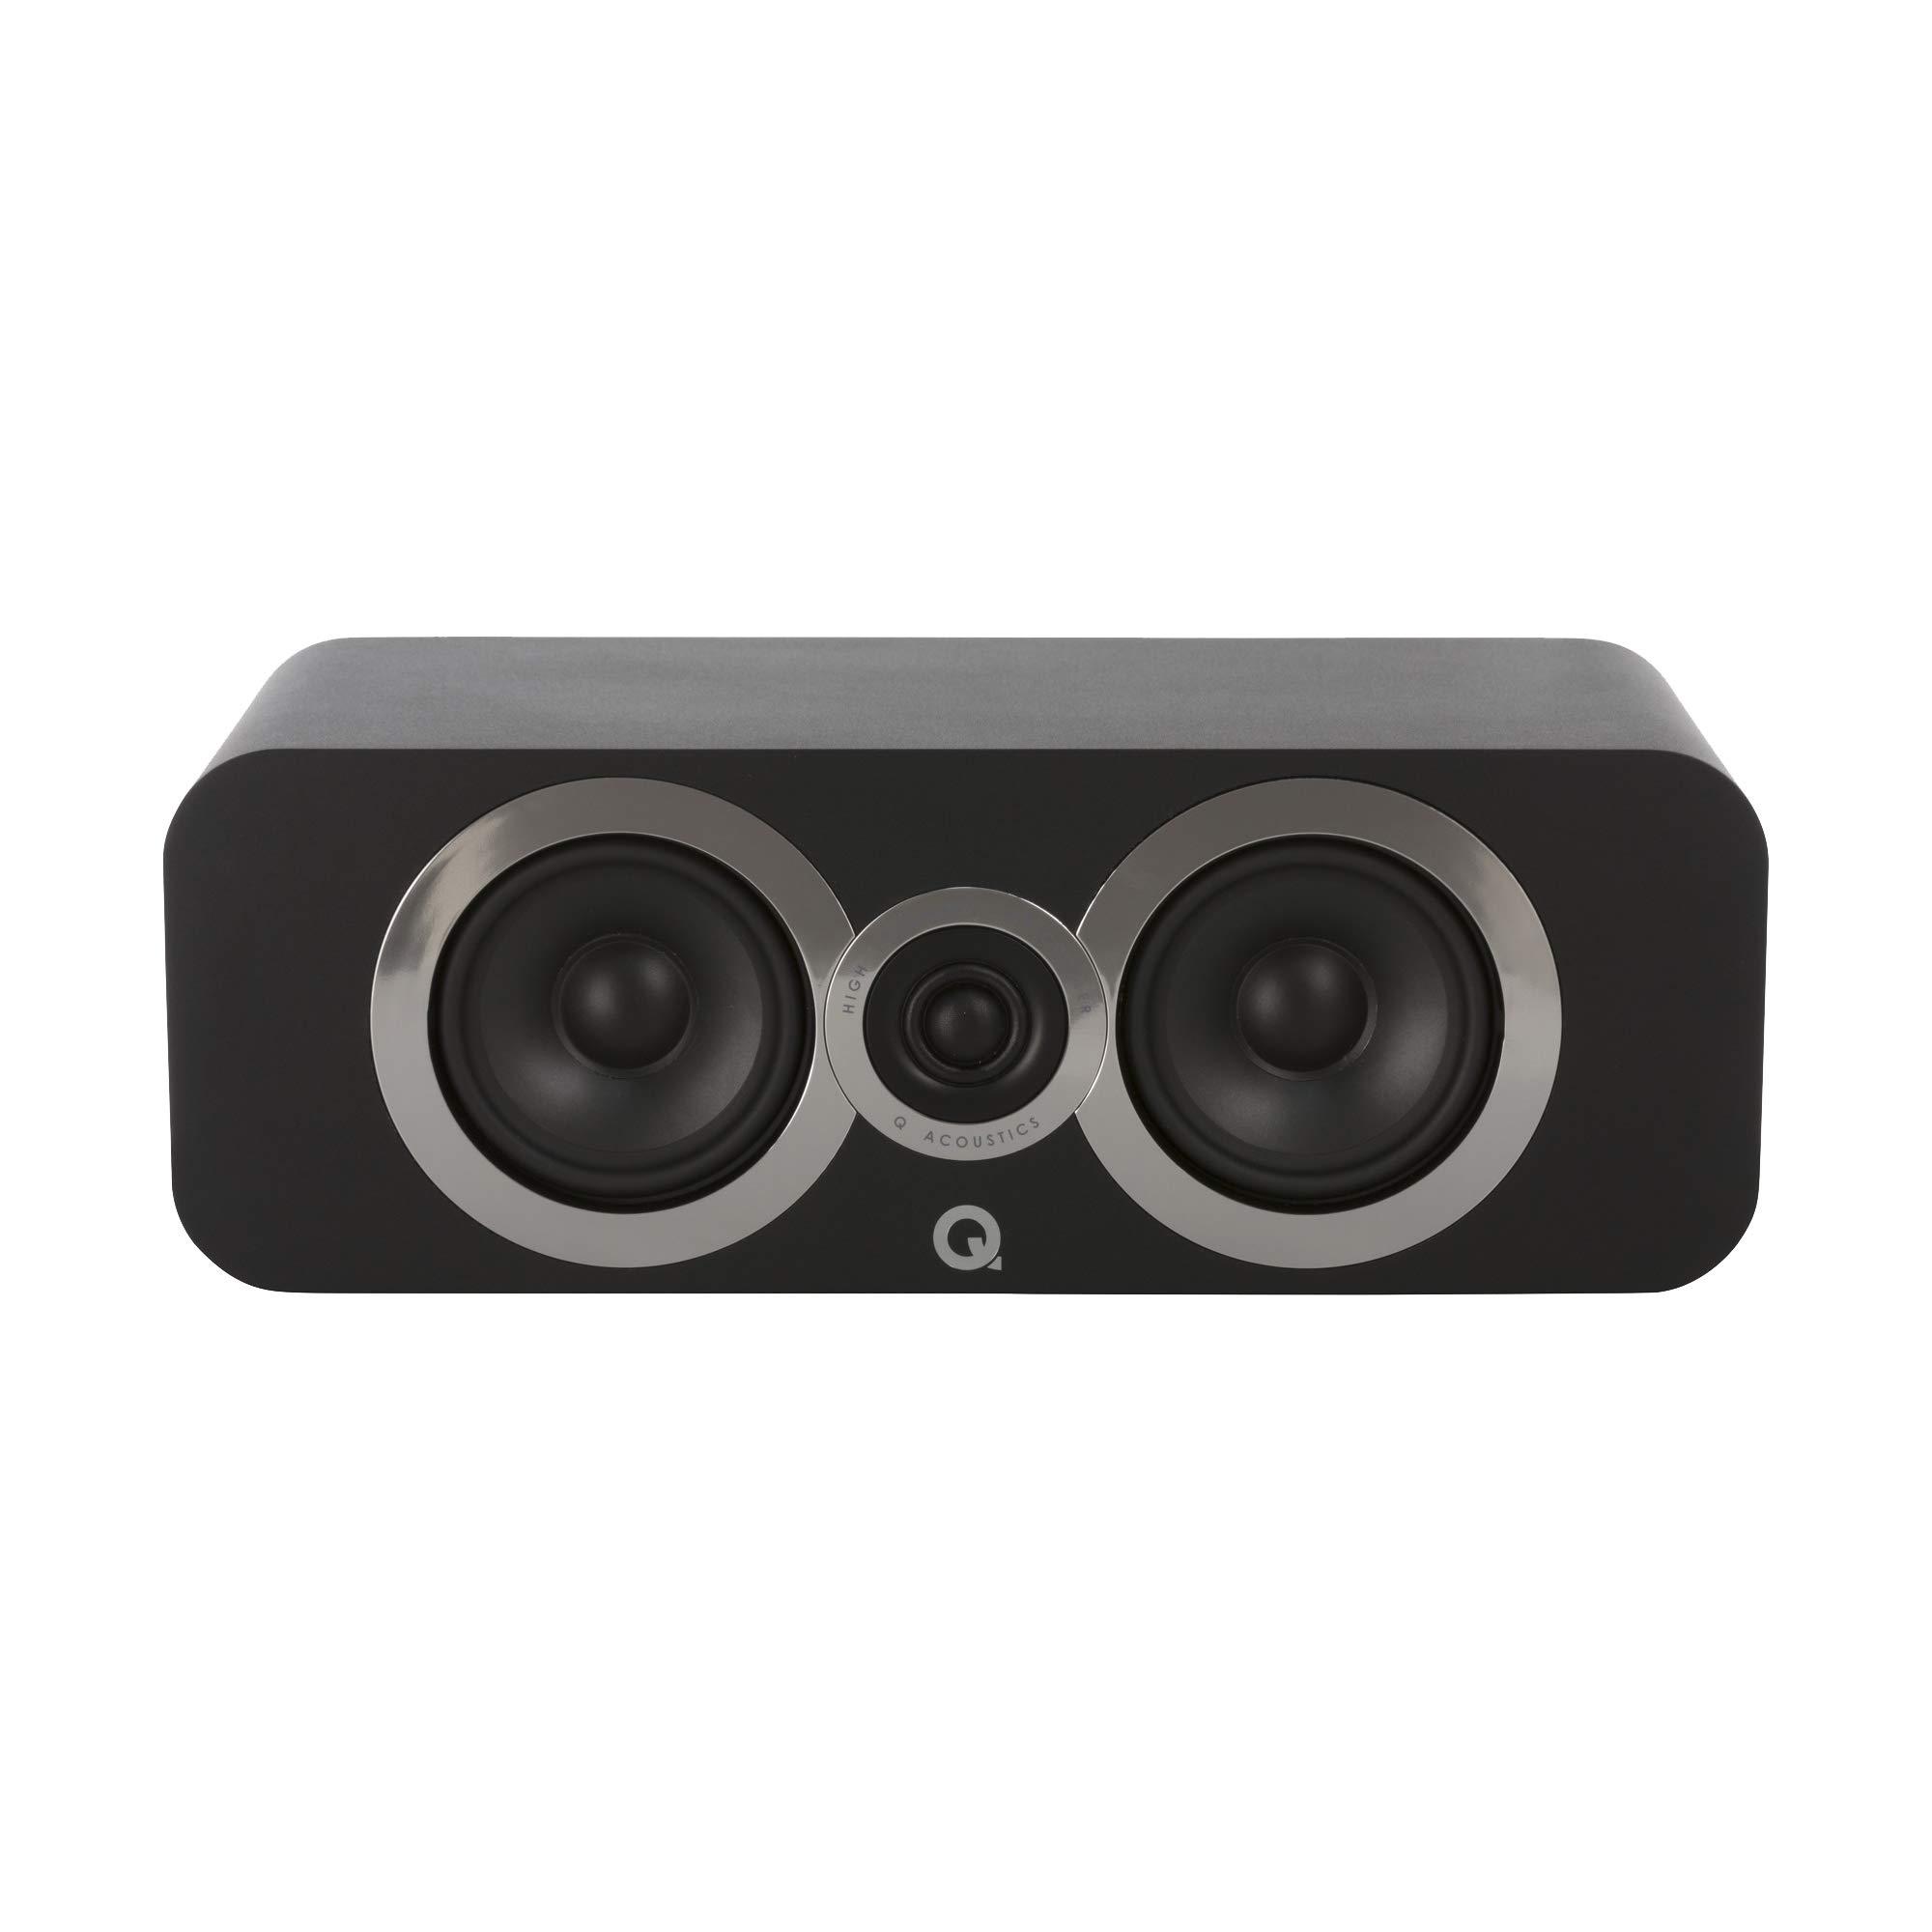 Q Acoustics 3090Ci Center Speaker (Carbon Black) by Q Acoustics (Image #2)